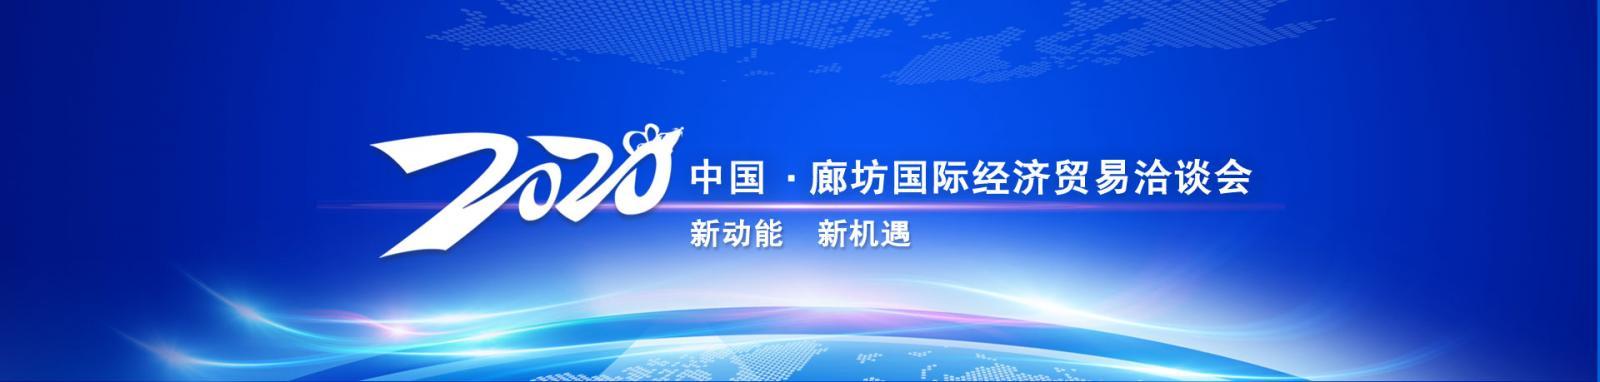 2020中国·廊坊国际经济贸易洽谈会